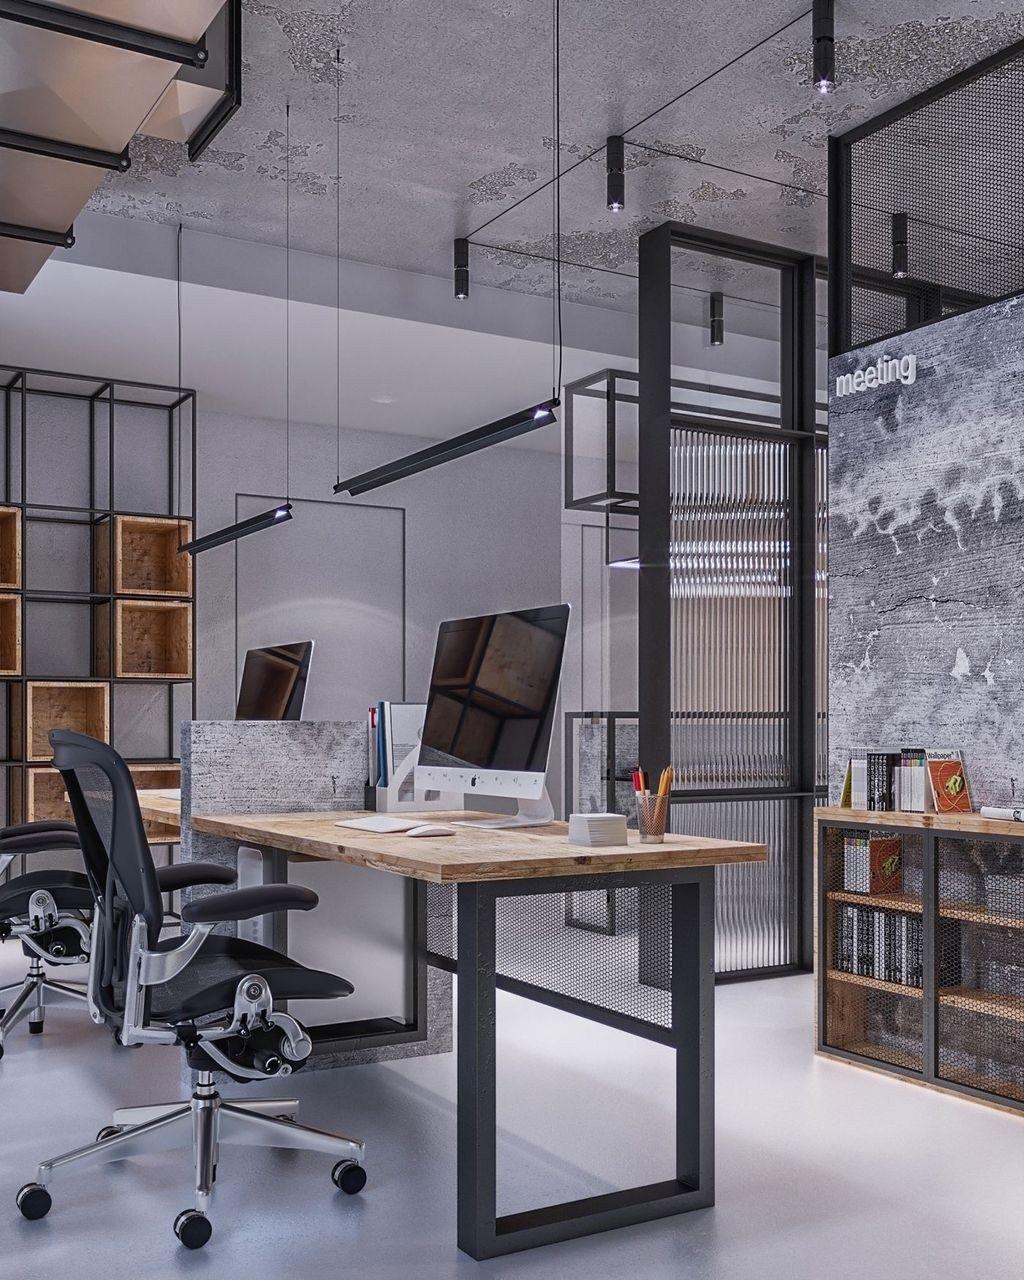 30+ brilliant industrial office design ideas - trendhmdcr